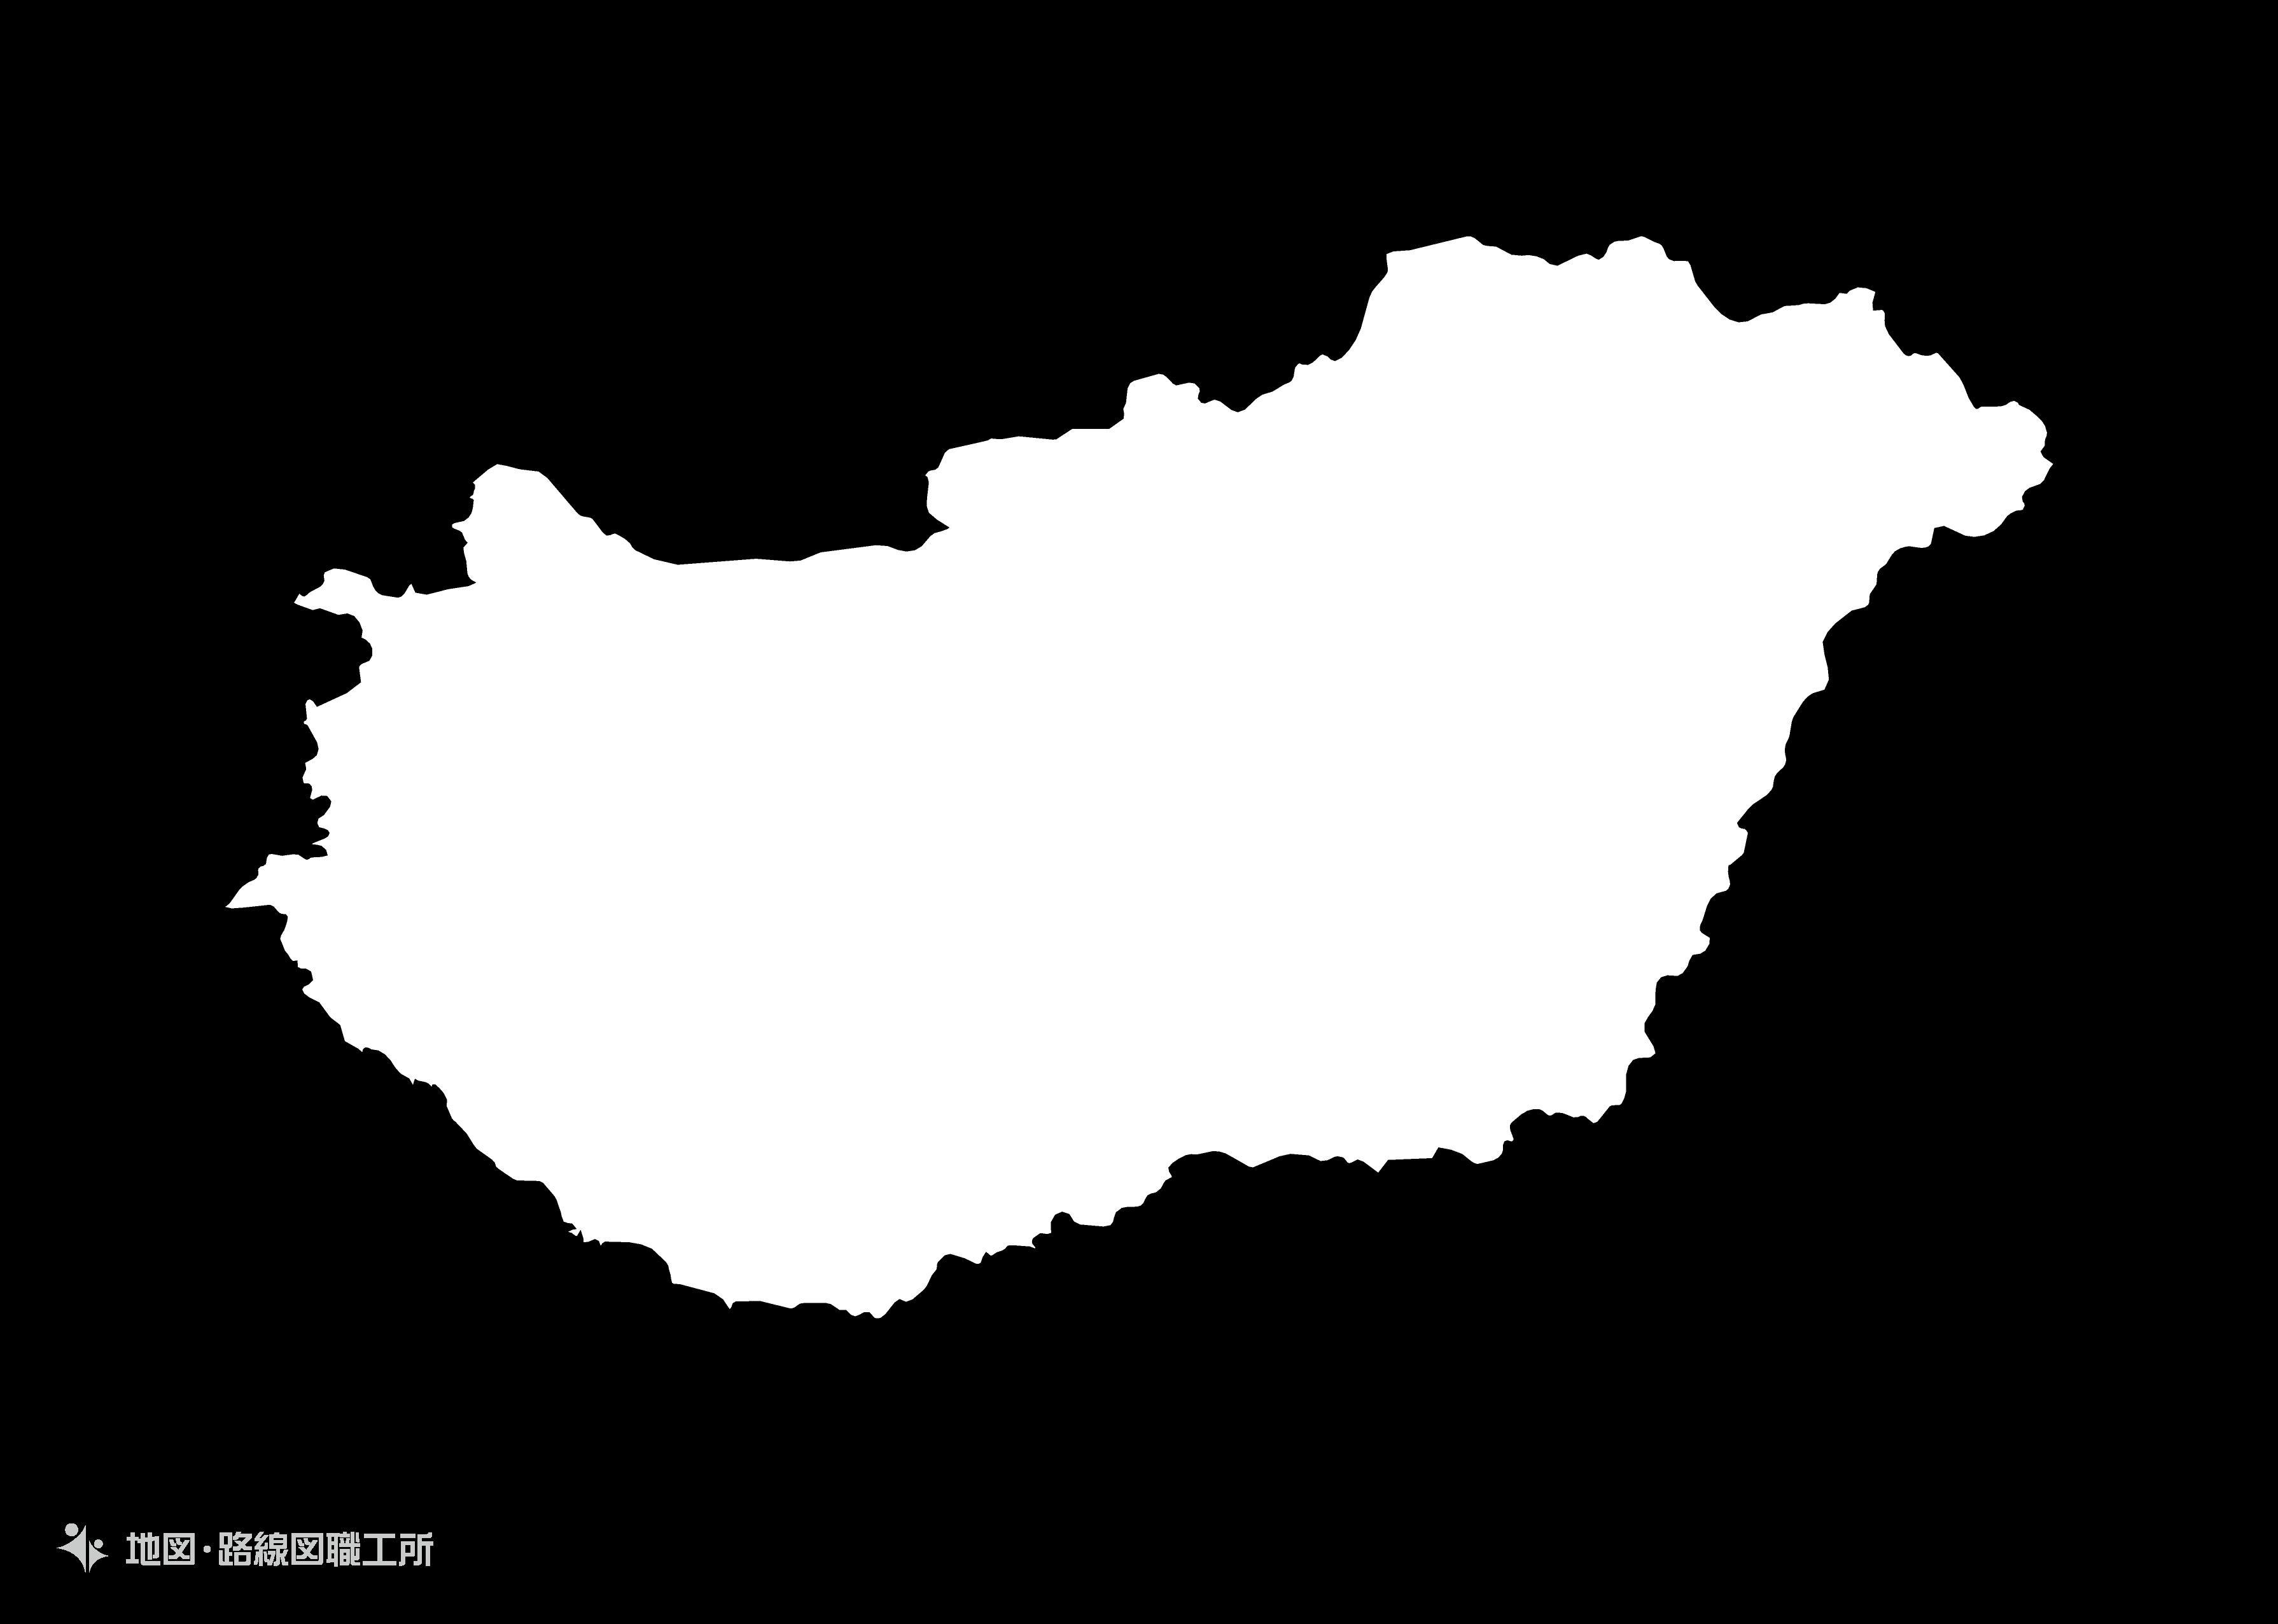 世界の白地図 ハンガリー hungary map